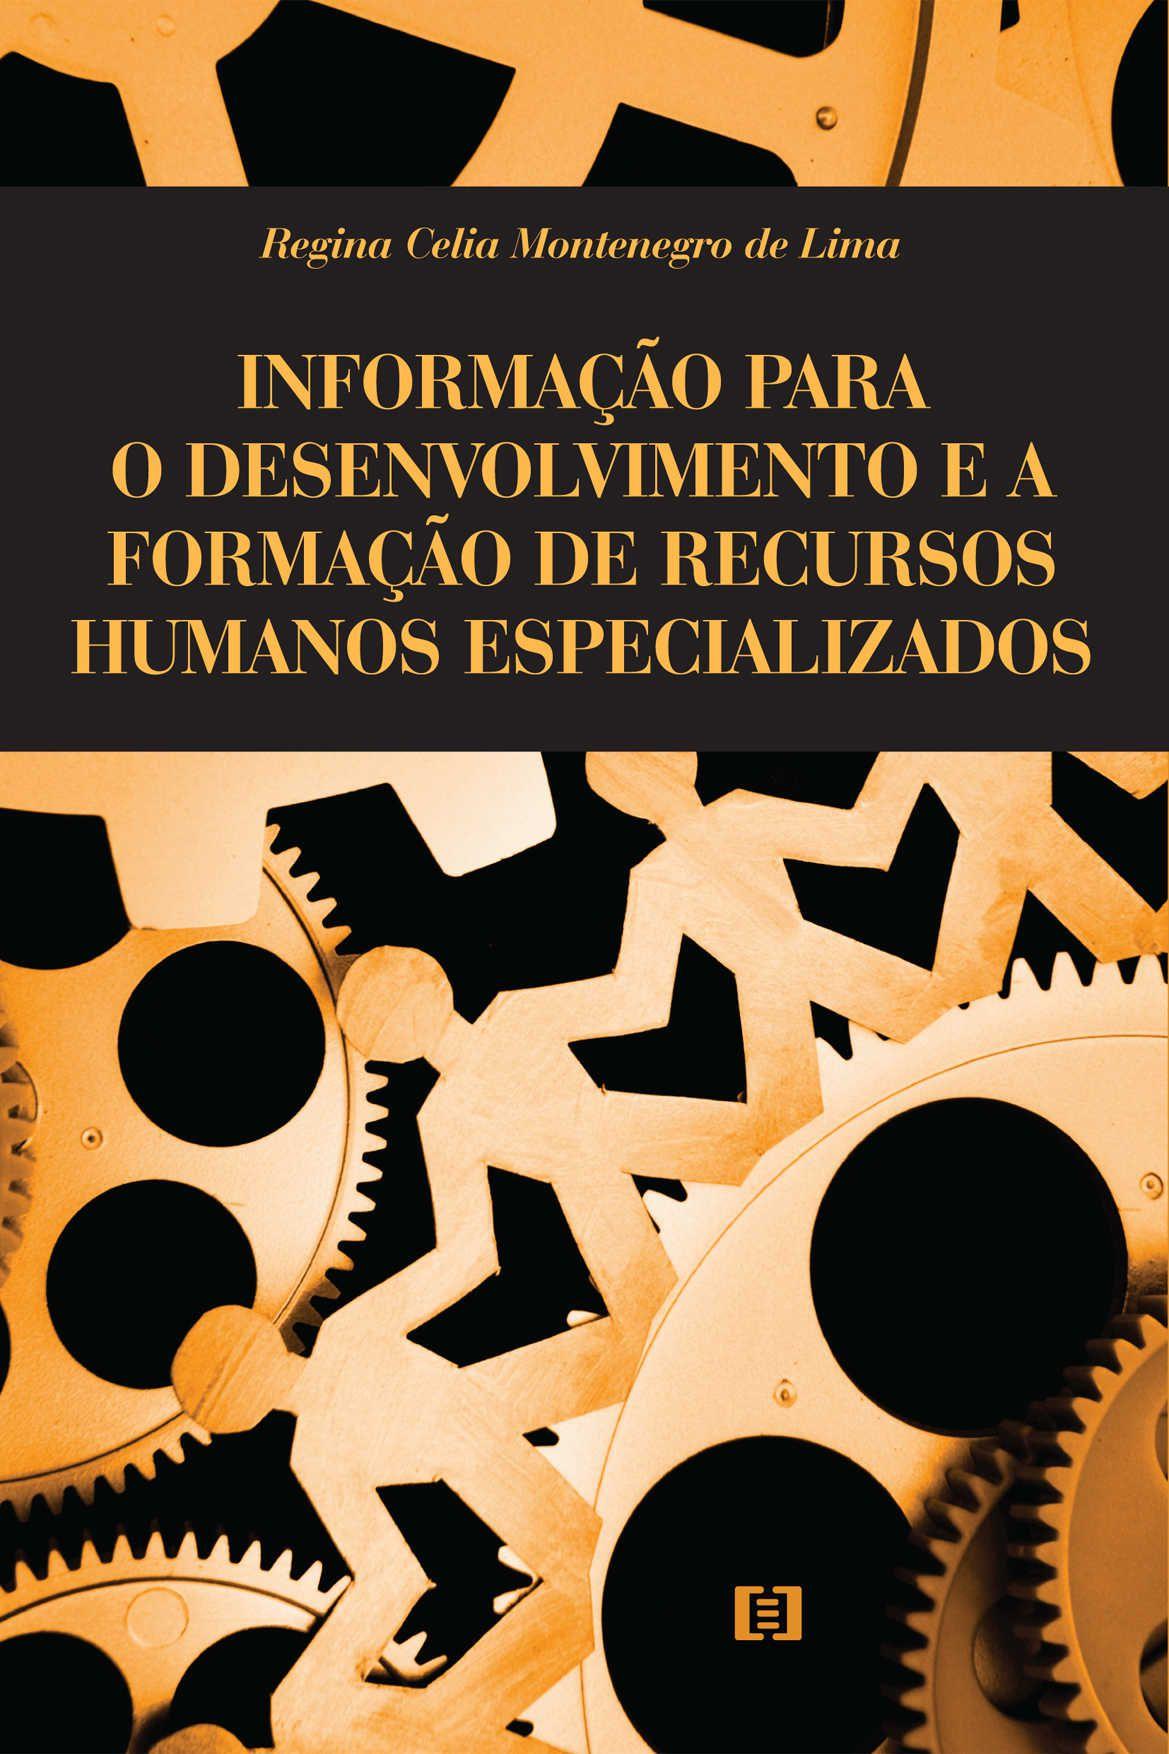 Informação para o desenvolvimento e a formação de recursos humanos especializados